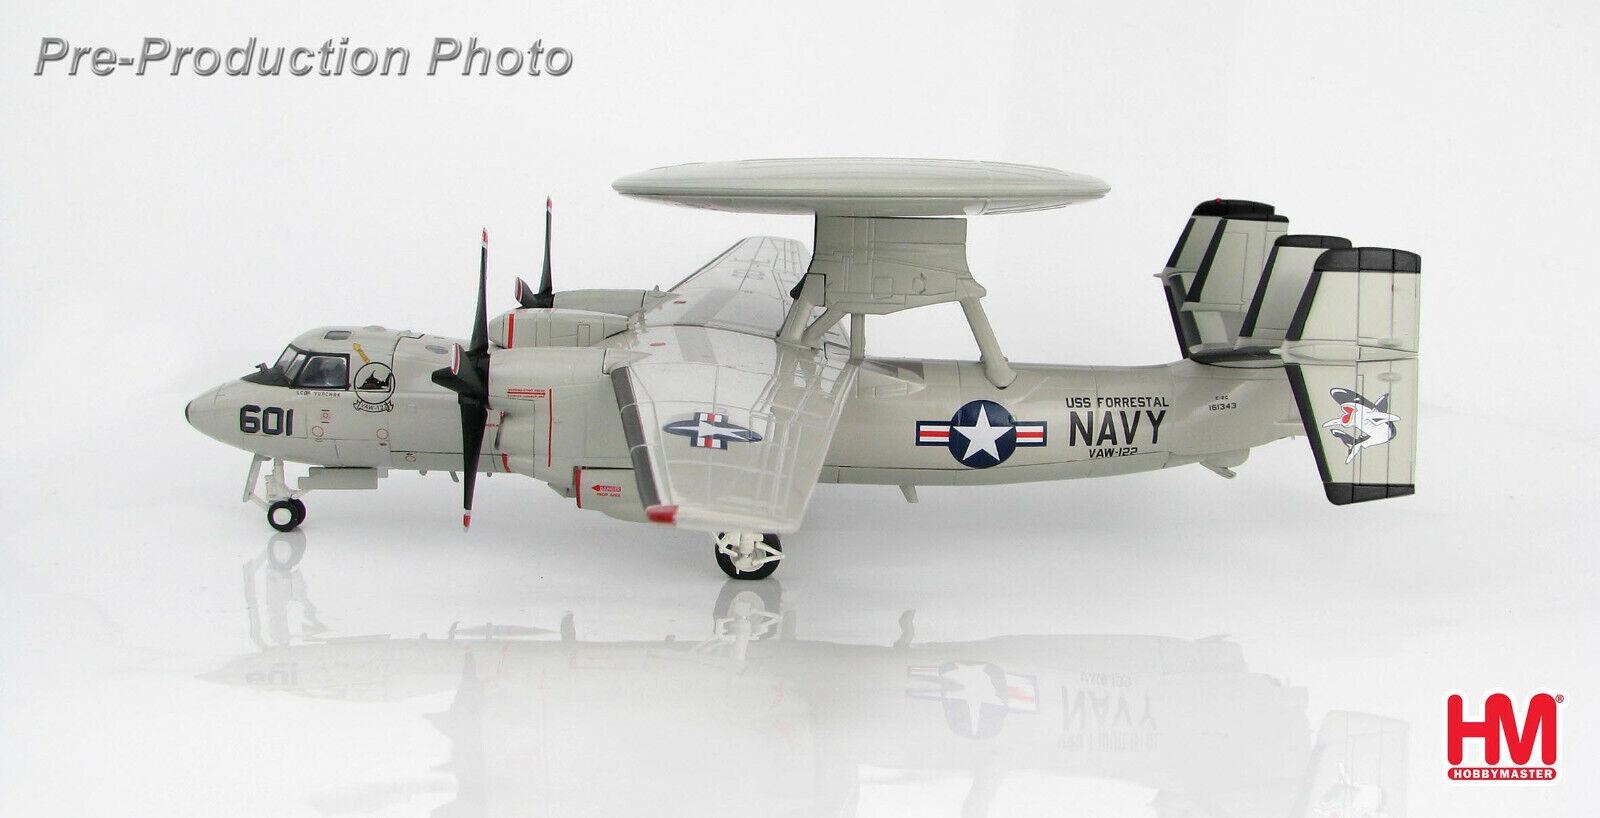 Hobby Master HA4810 - 1 72 Northrop Grumman E-2C Hawkeye 161343, VAW-122